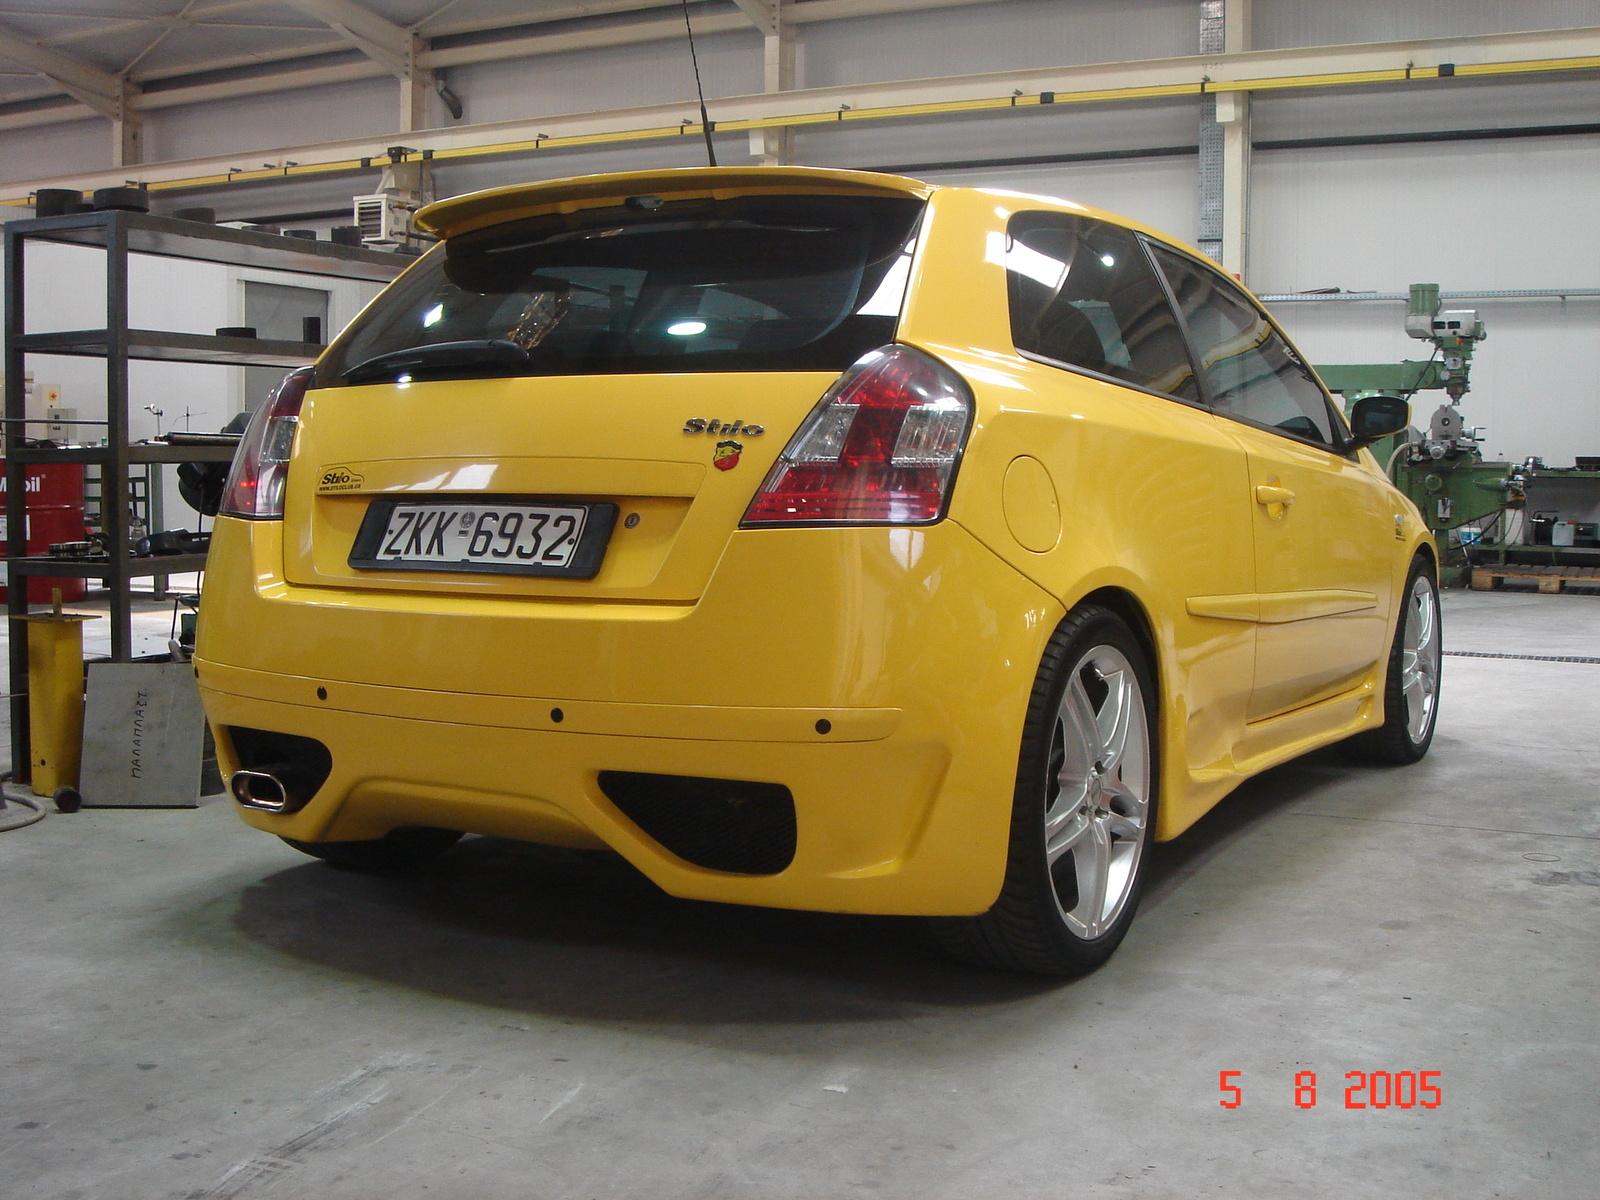 2002 Fiat Stilo Pictures Cargurus